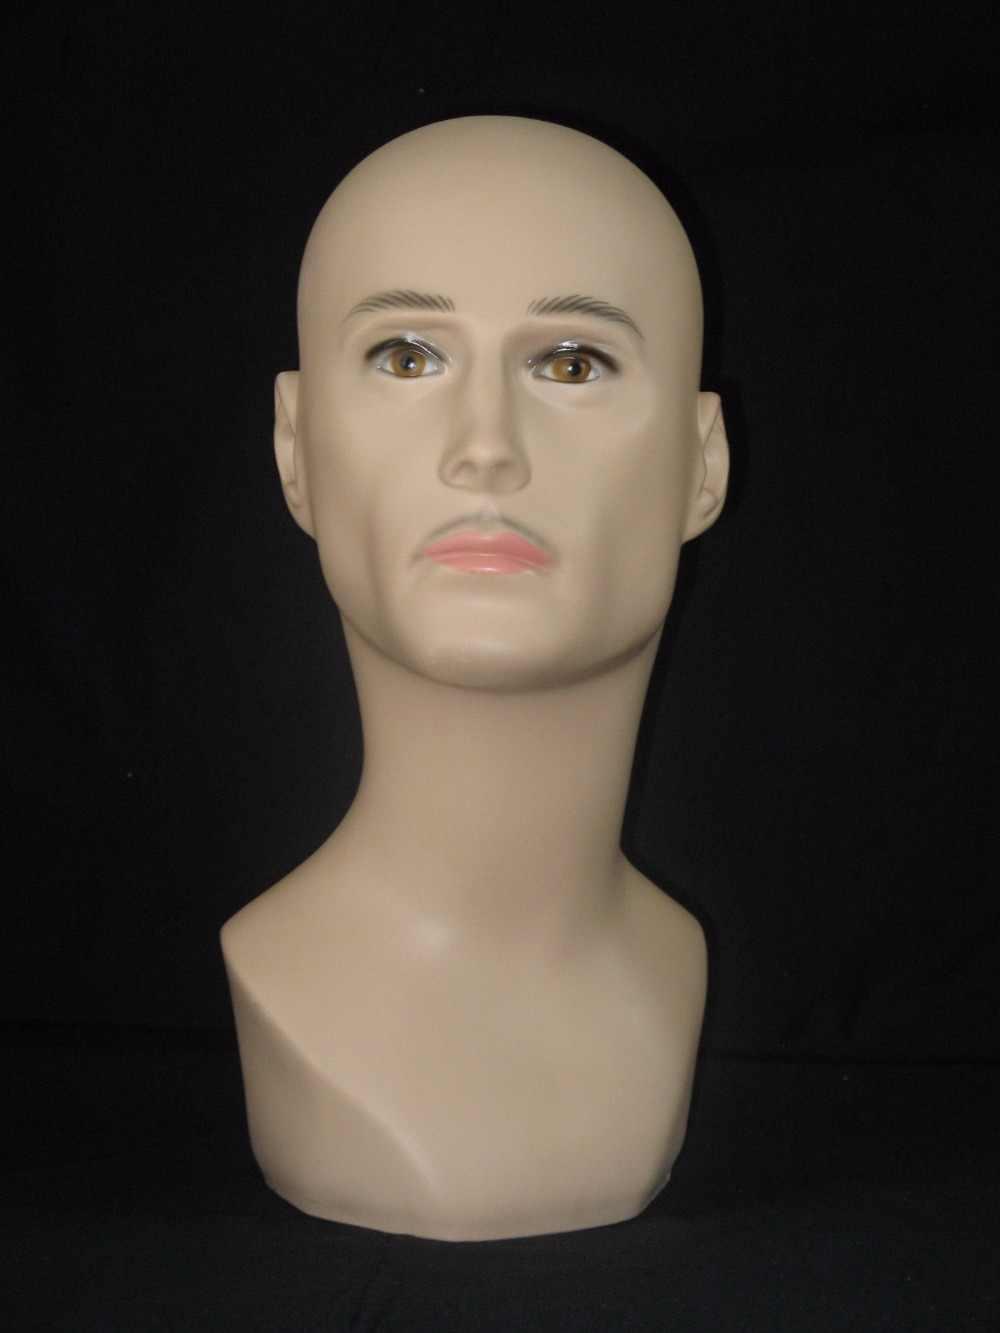 高品質現実的なプラスチック男性マネキン用のマネキンダミーヘッド帽子/かつら表示、マネキンヘッド